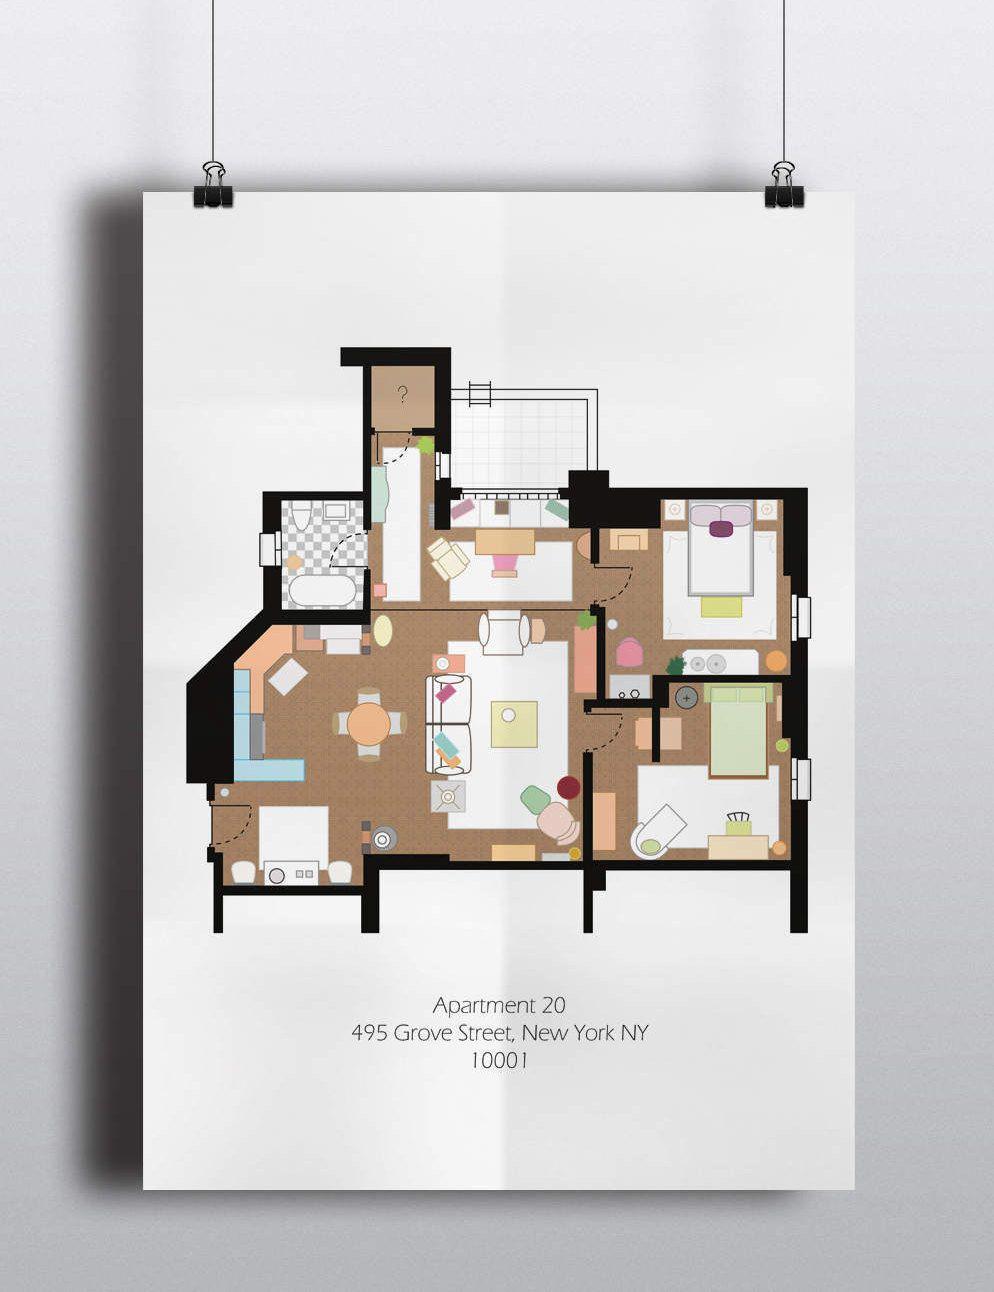 Friends Poster Print Monica Geller Apartment Floor Plan Digital Download Wall Art Tv Show Minimalist Blueprint Floor Plan Art Poster Prints Apartment Floor Plan Friends Poster